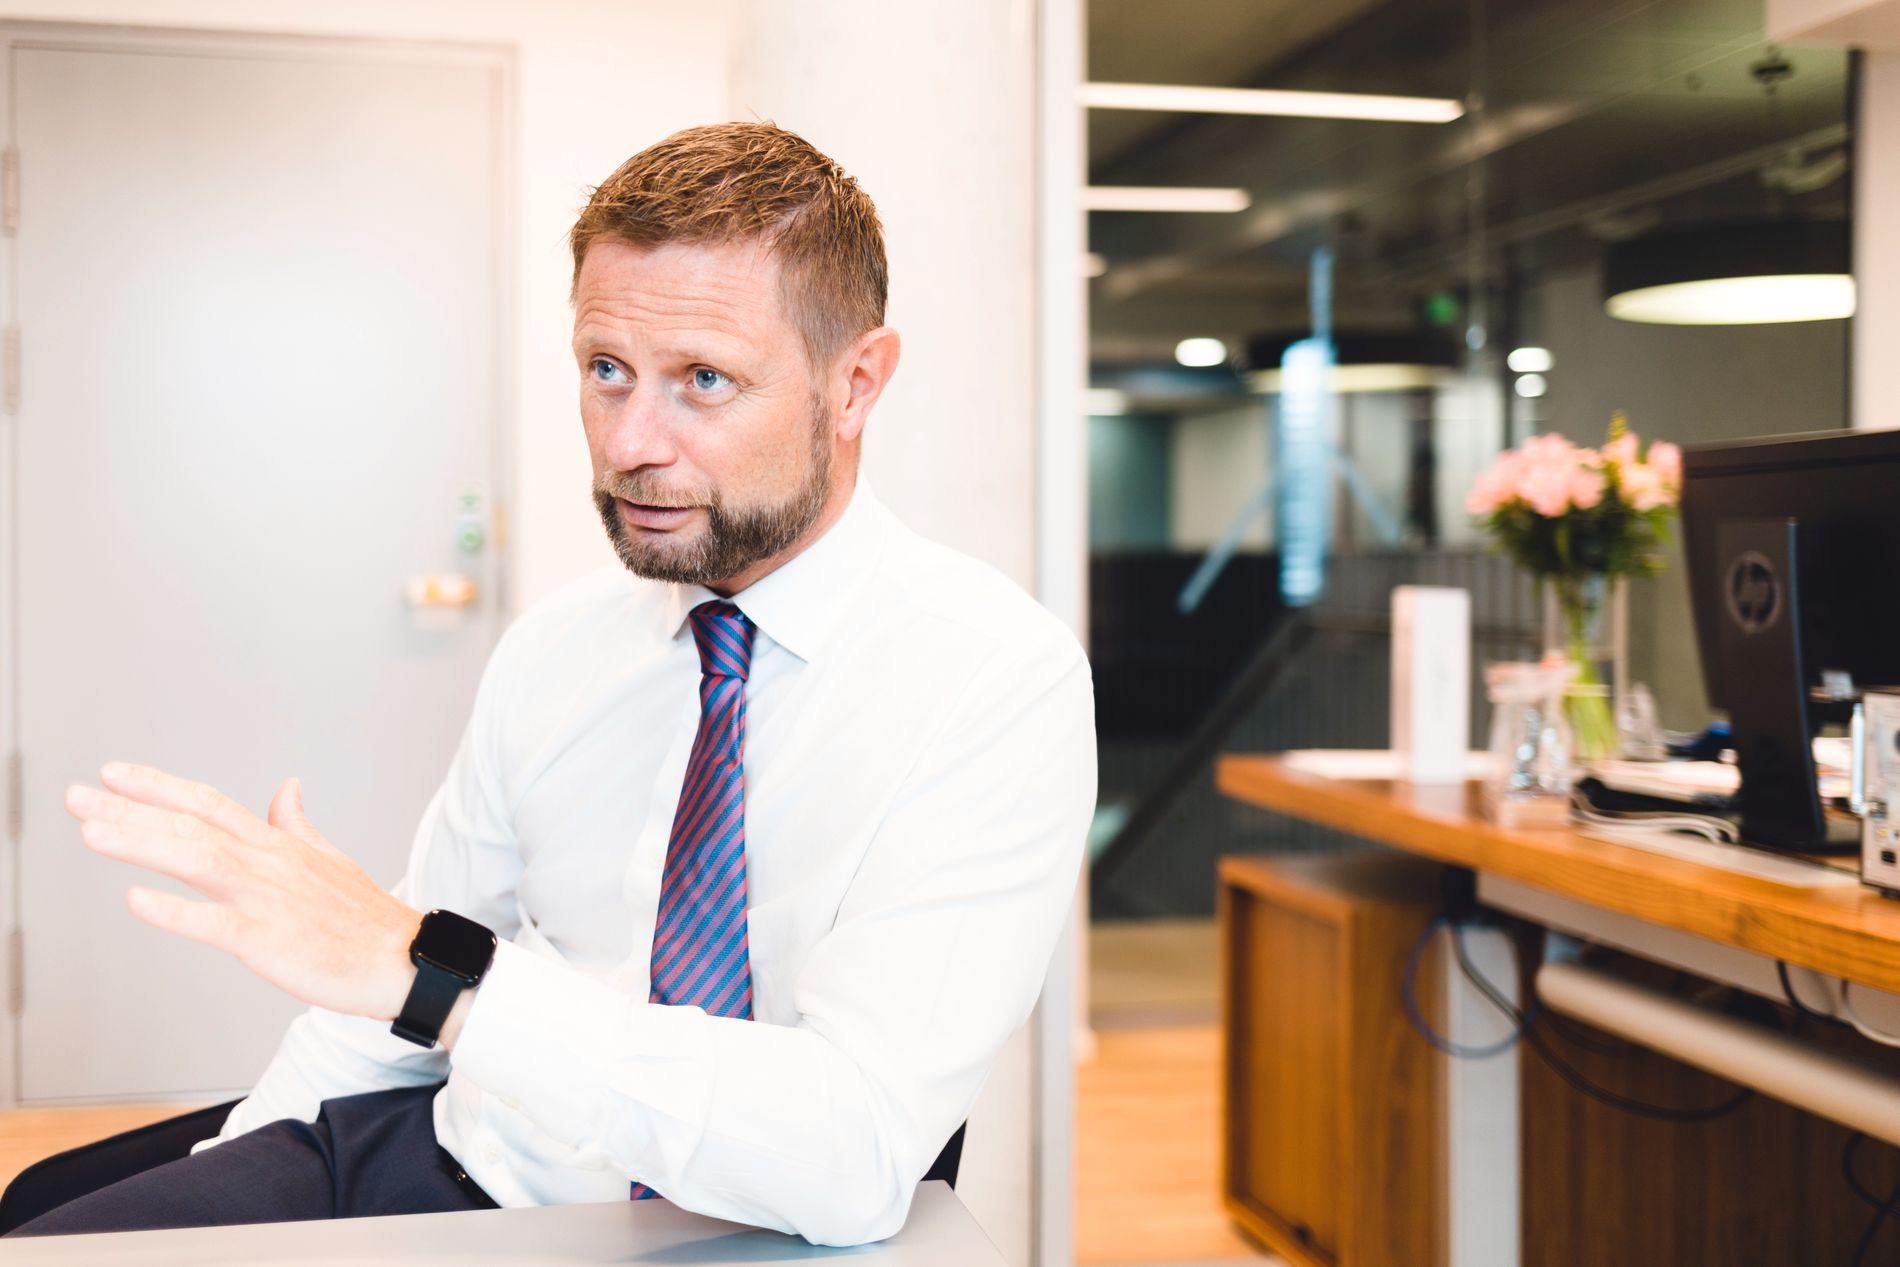 VIL STYRKE TILBUDET: Helseminister Bent Høie (H) sier til VG at regjeringen vil opprettholde et desentralisert fødselstilbud.